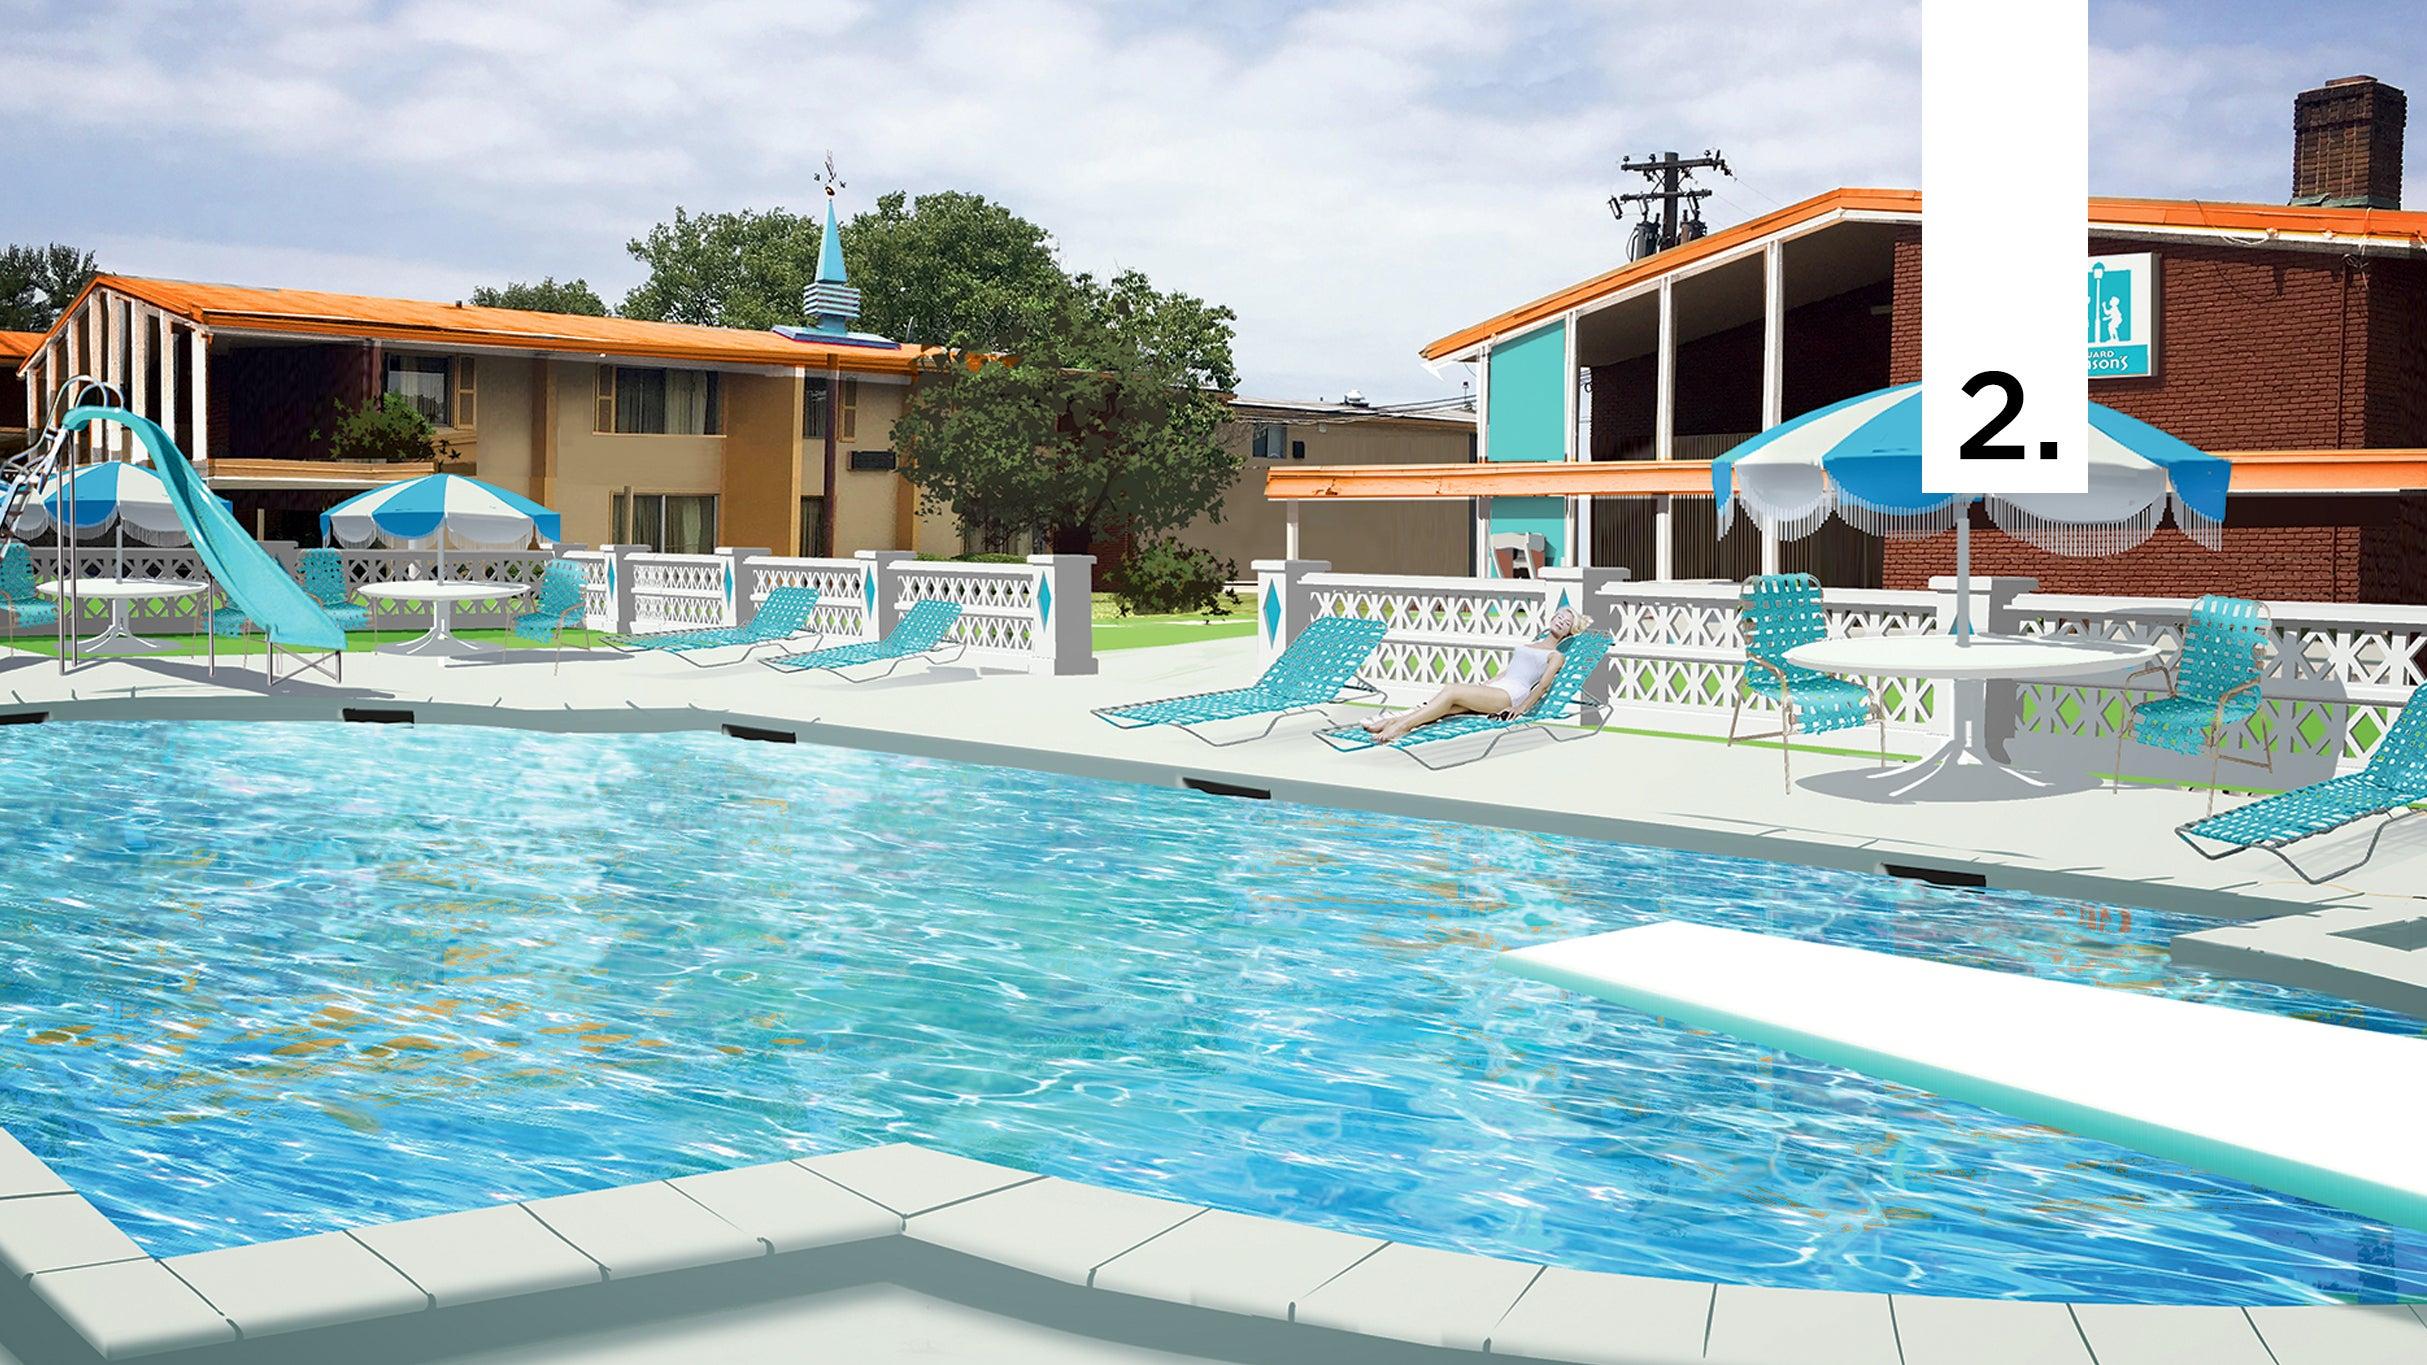 HoJos-pool-before_2.jpg